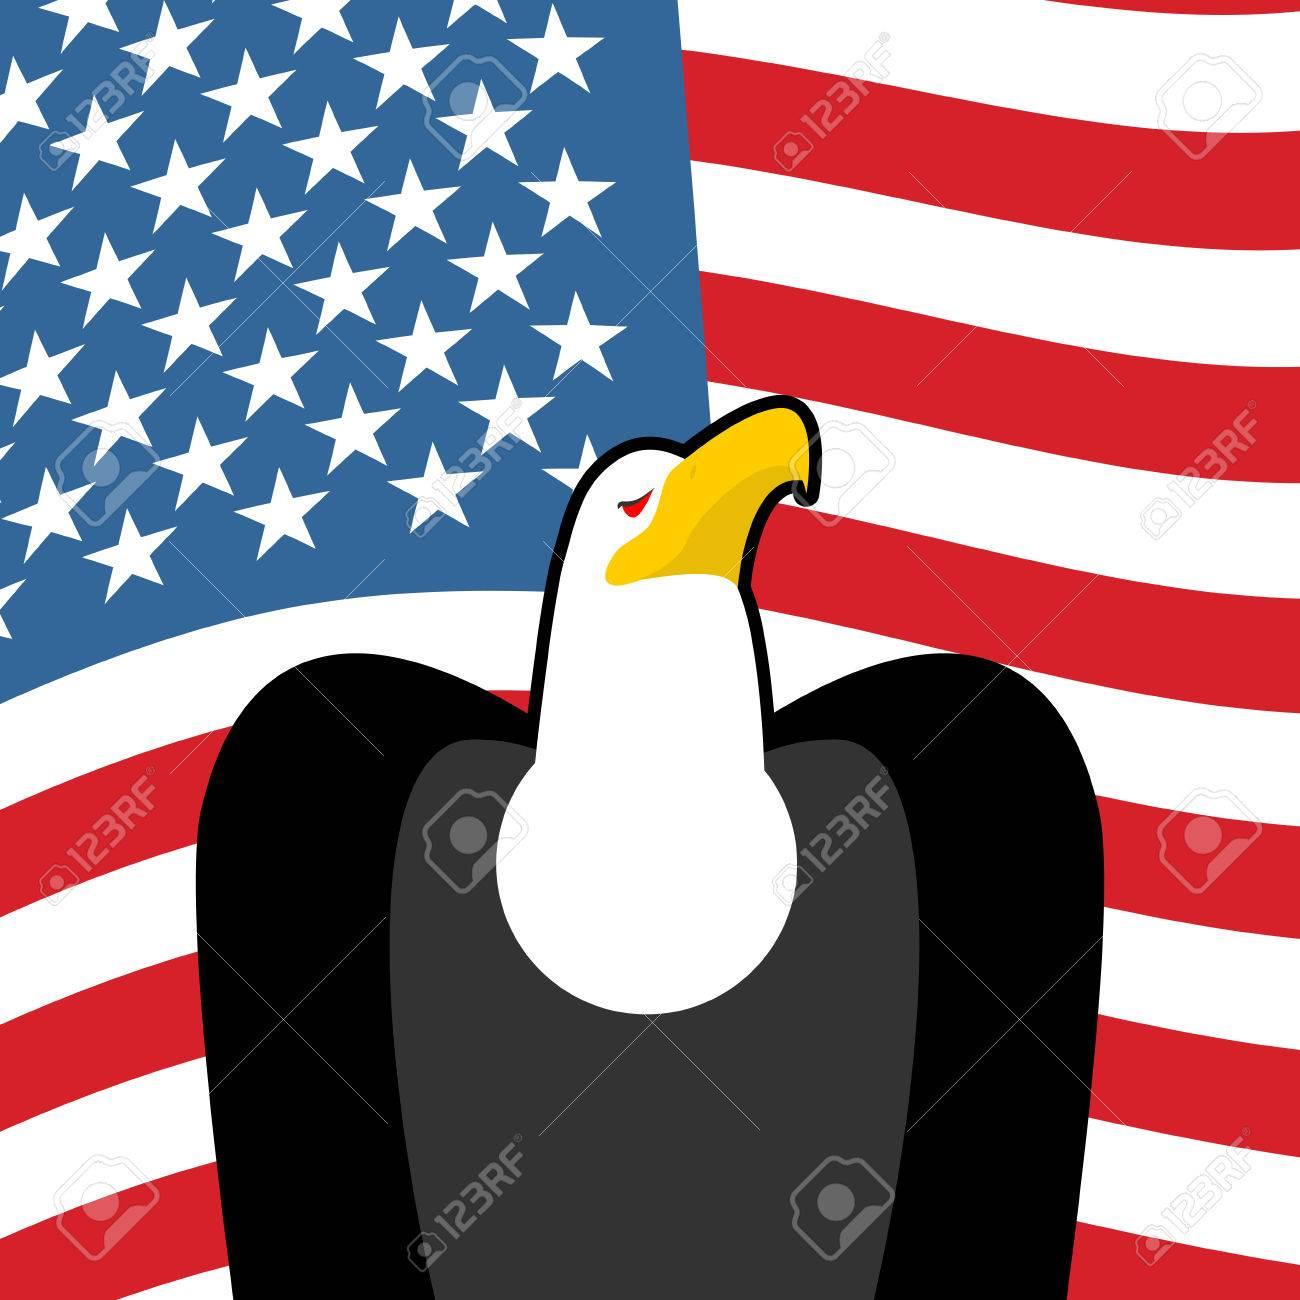 Bald eagle usa national symbols large birds of prey and flag bald eagle usa national symbols large birds of prey and flag of america american buycottarizona Choice Image